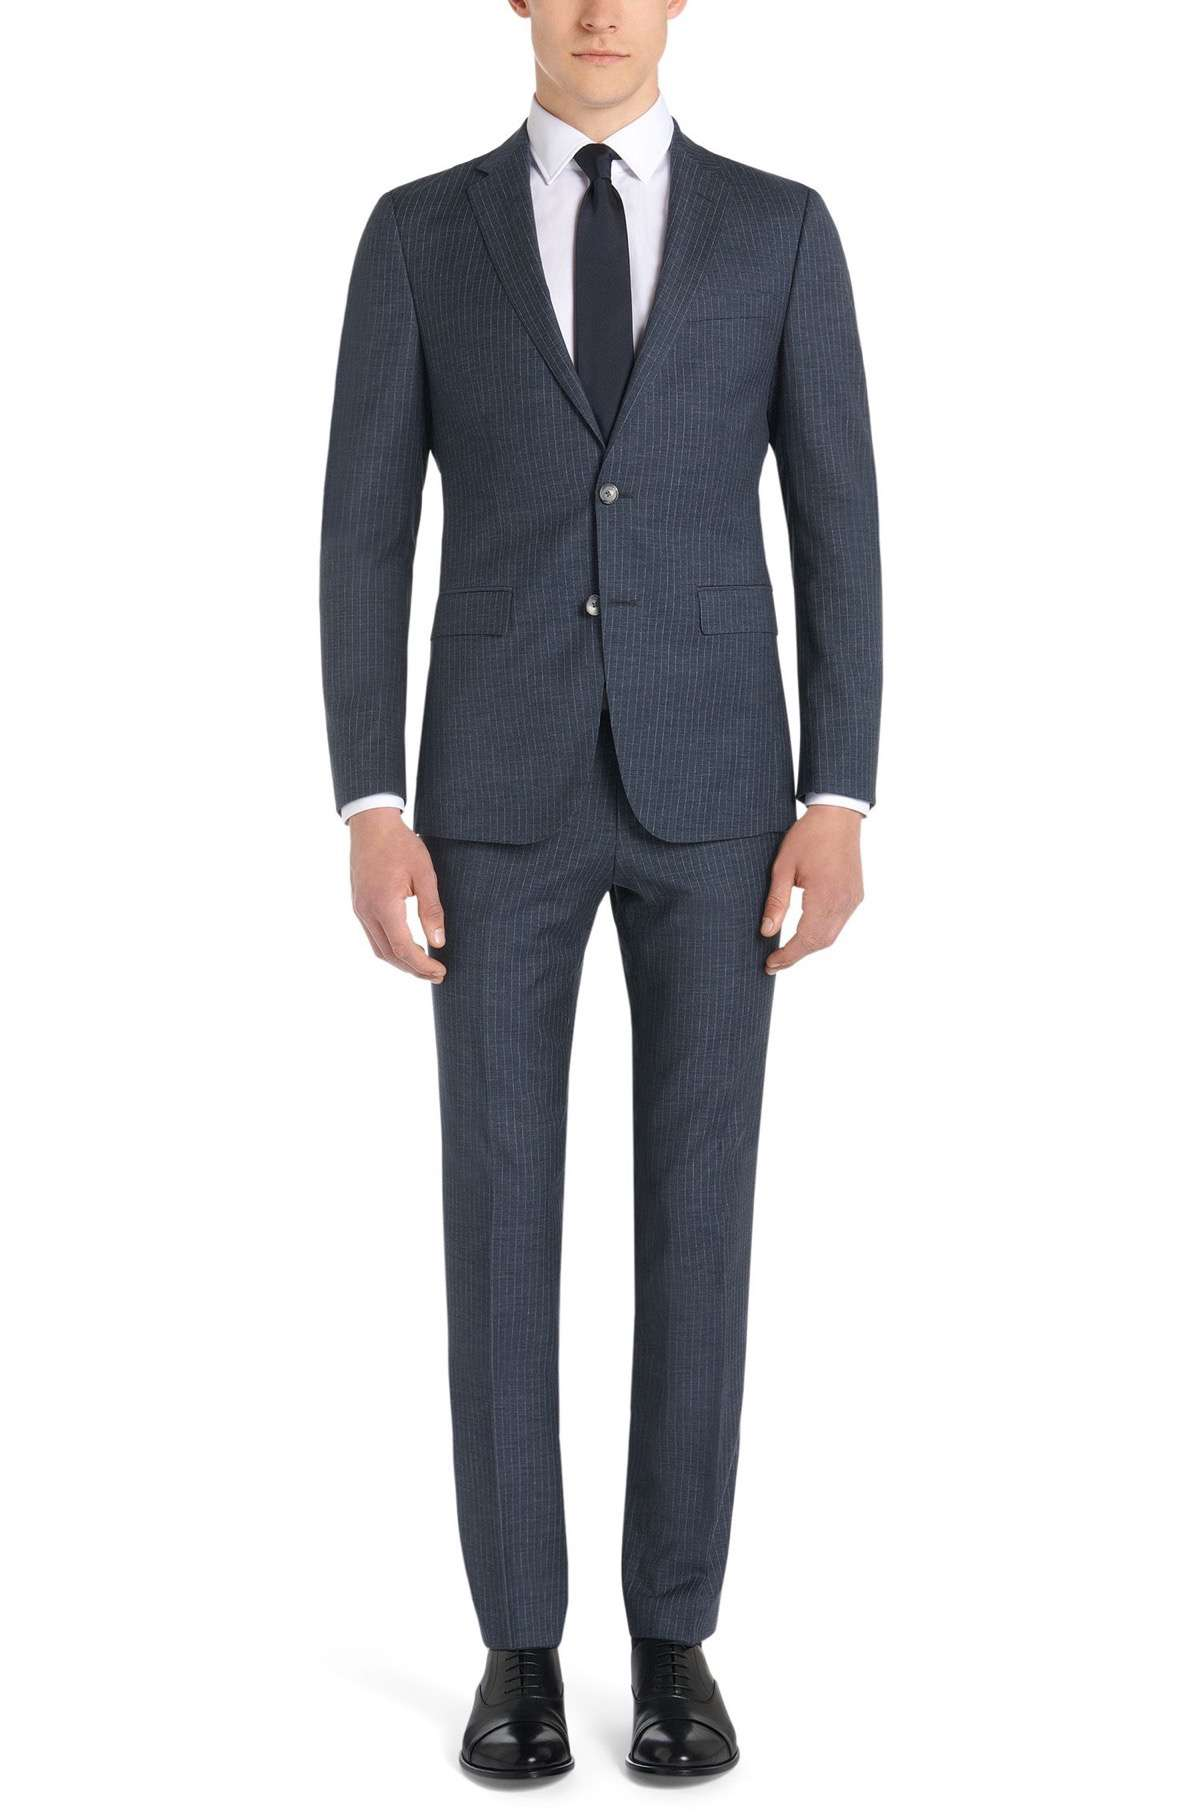 27a8203e697eb trajes para hombre - traje para hombre Hugo Boss - 1 ...